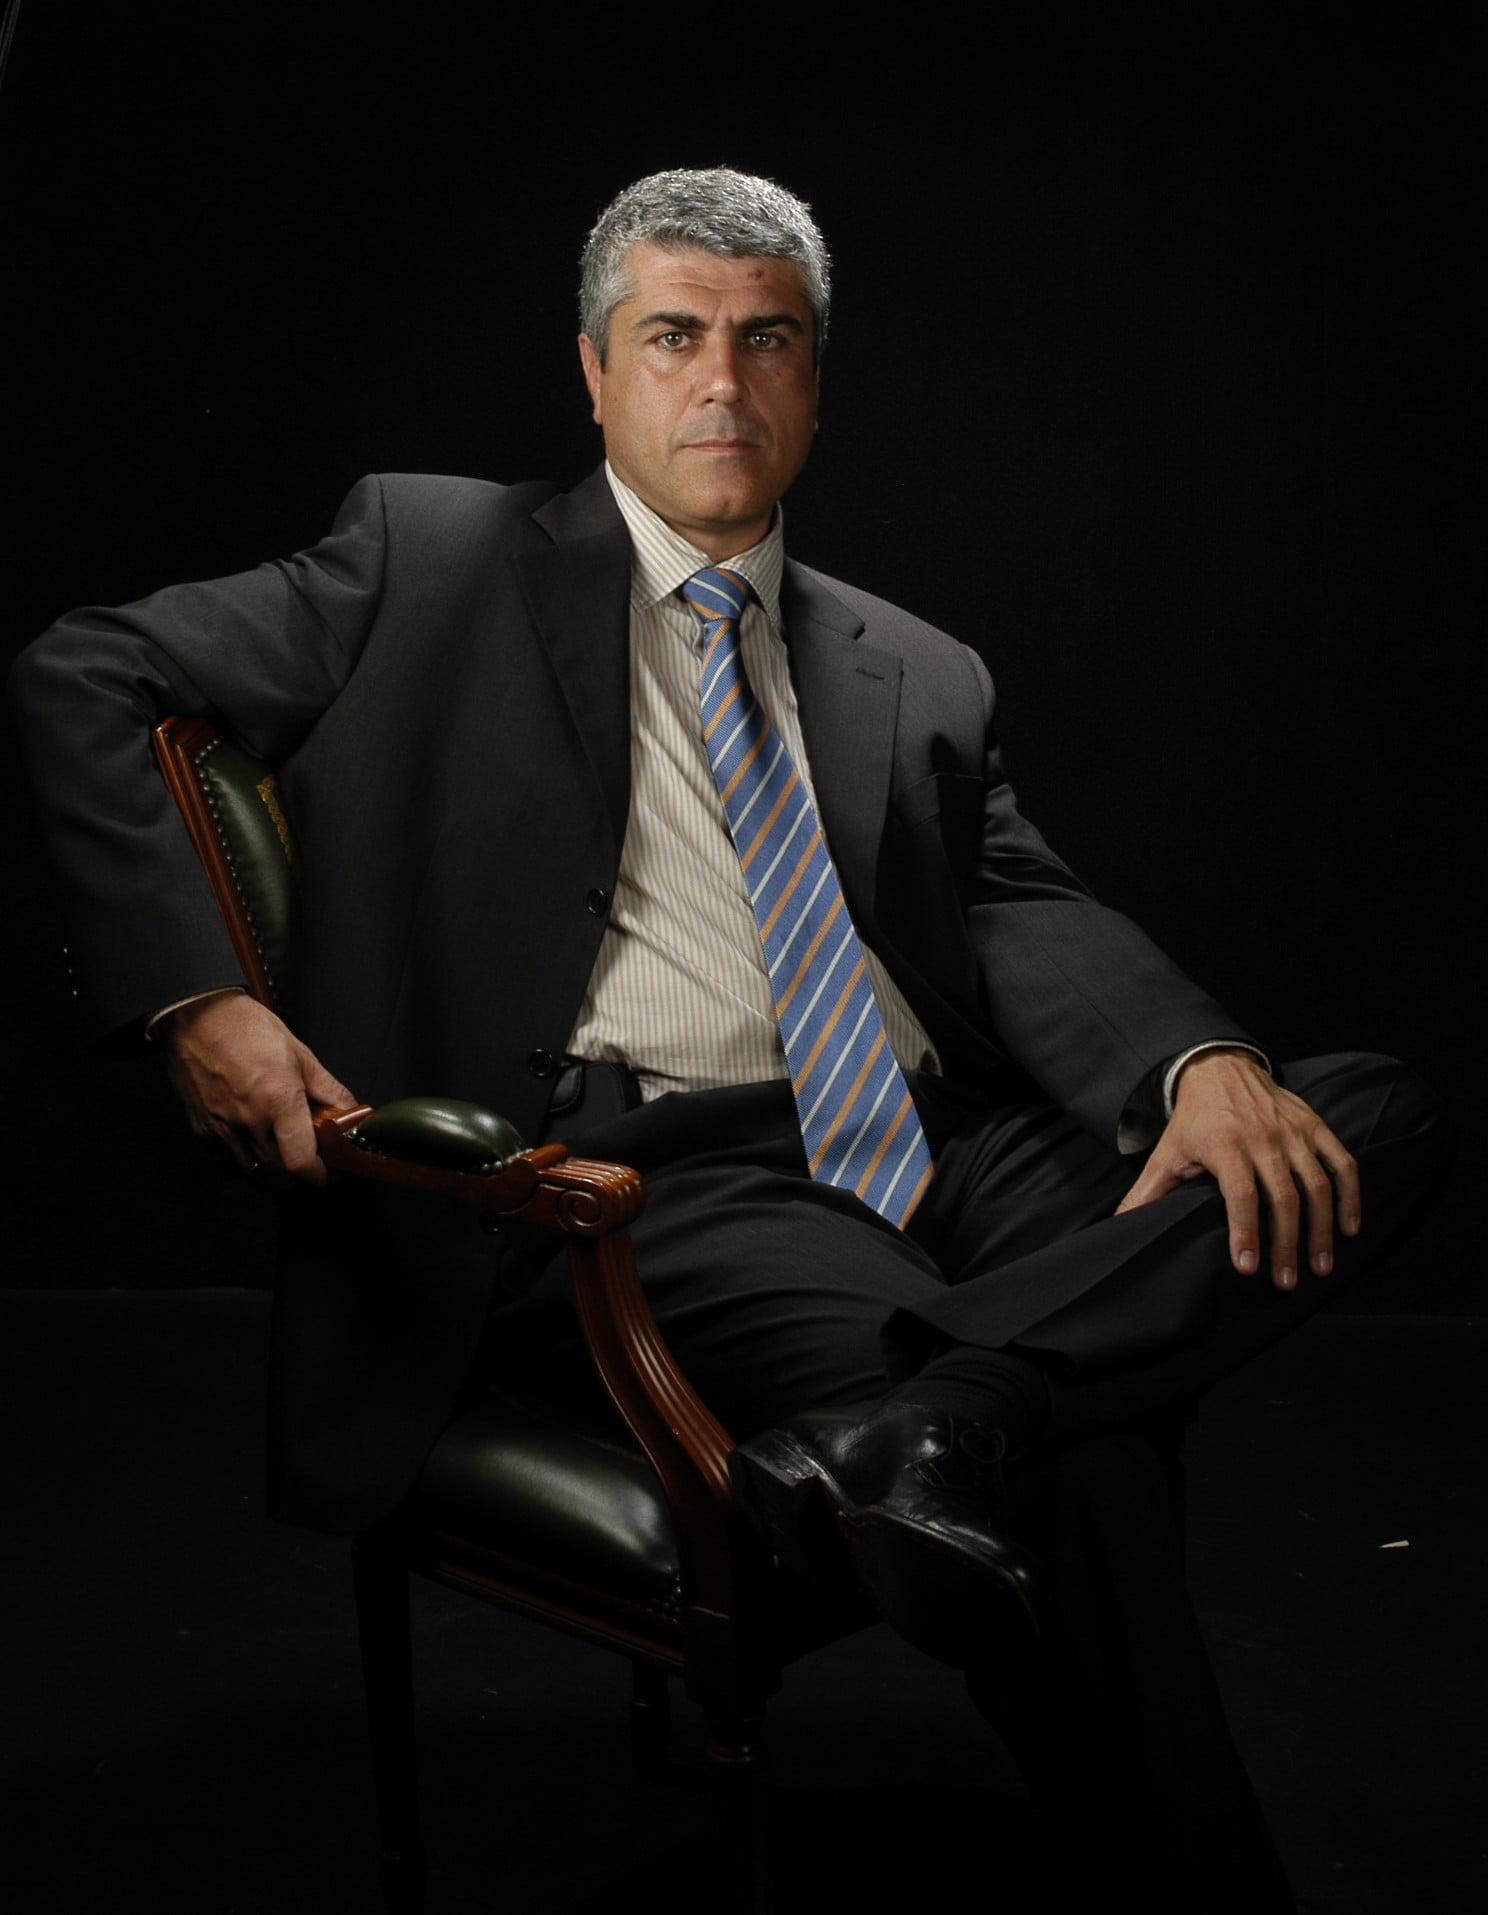 Dr. Jesús Garcia-Gil